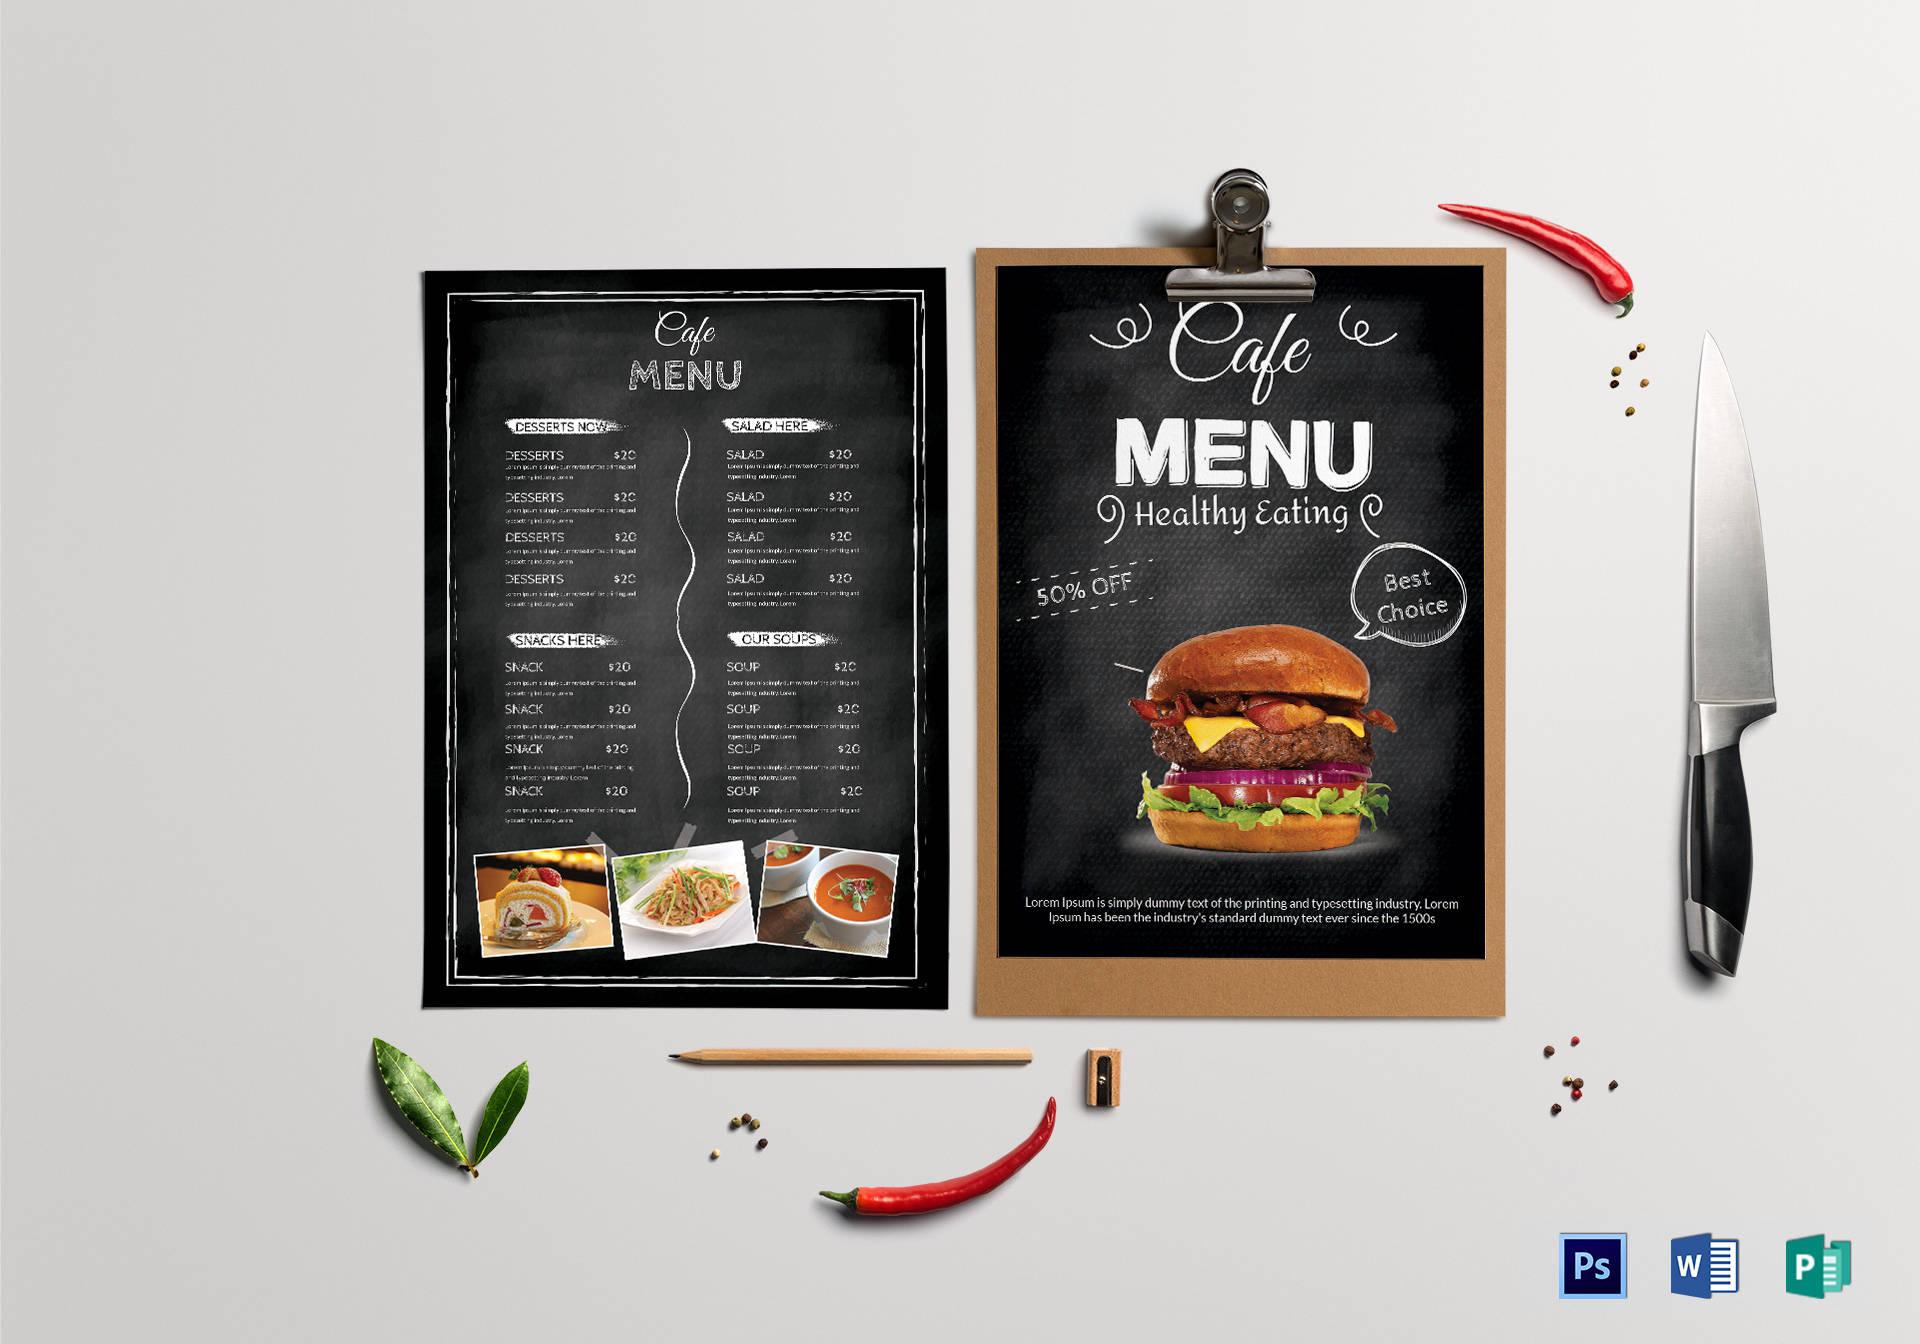 cafe burger menu example